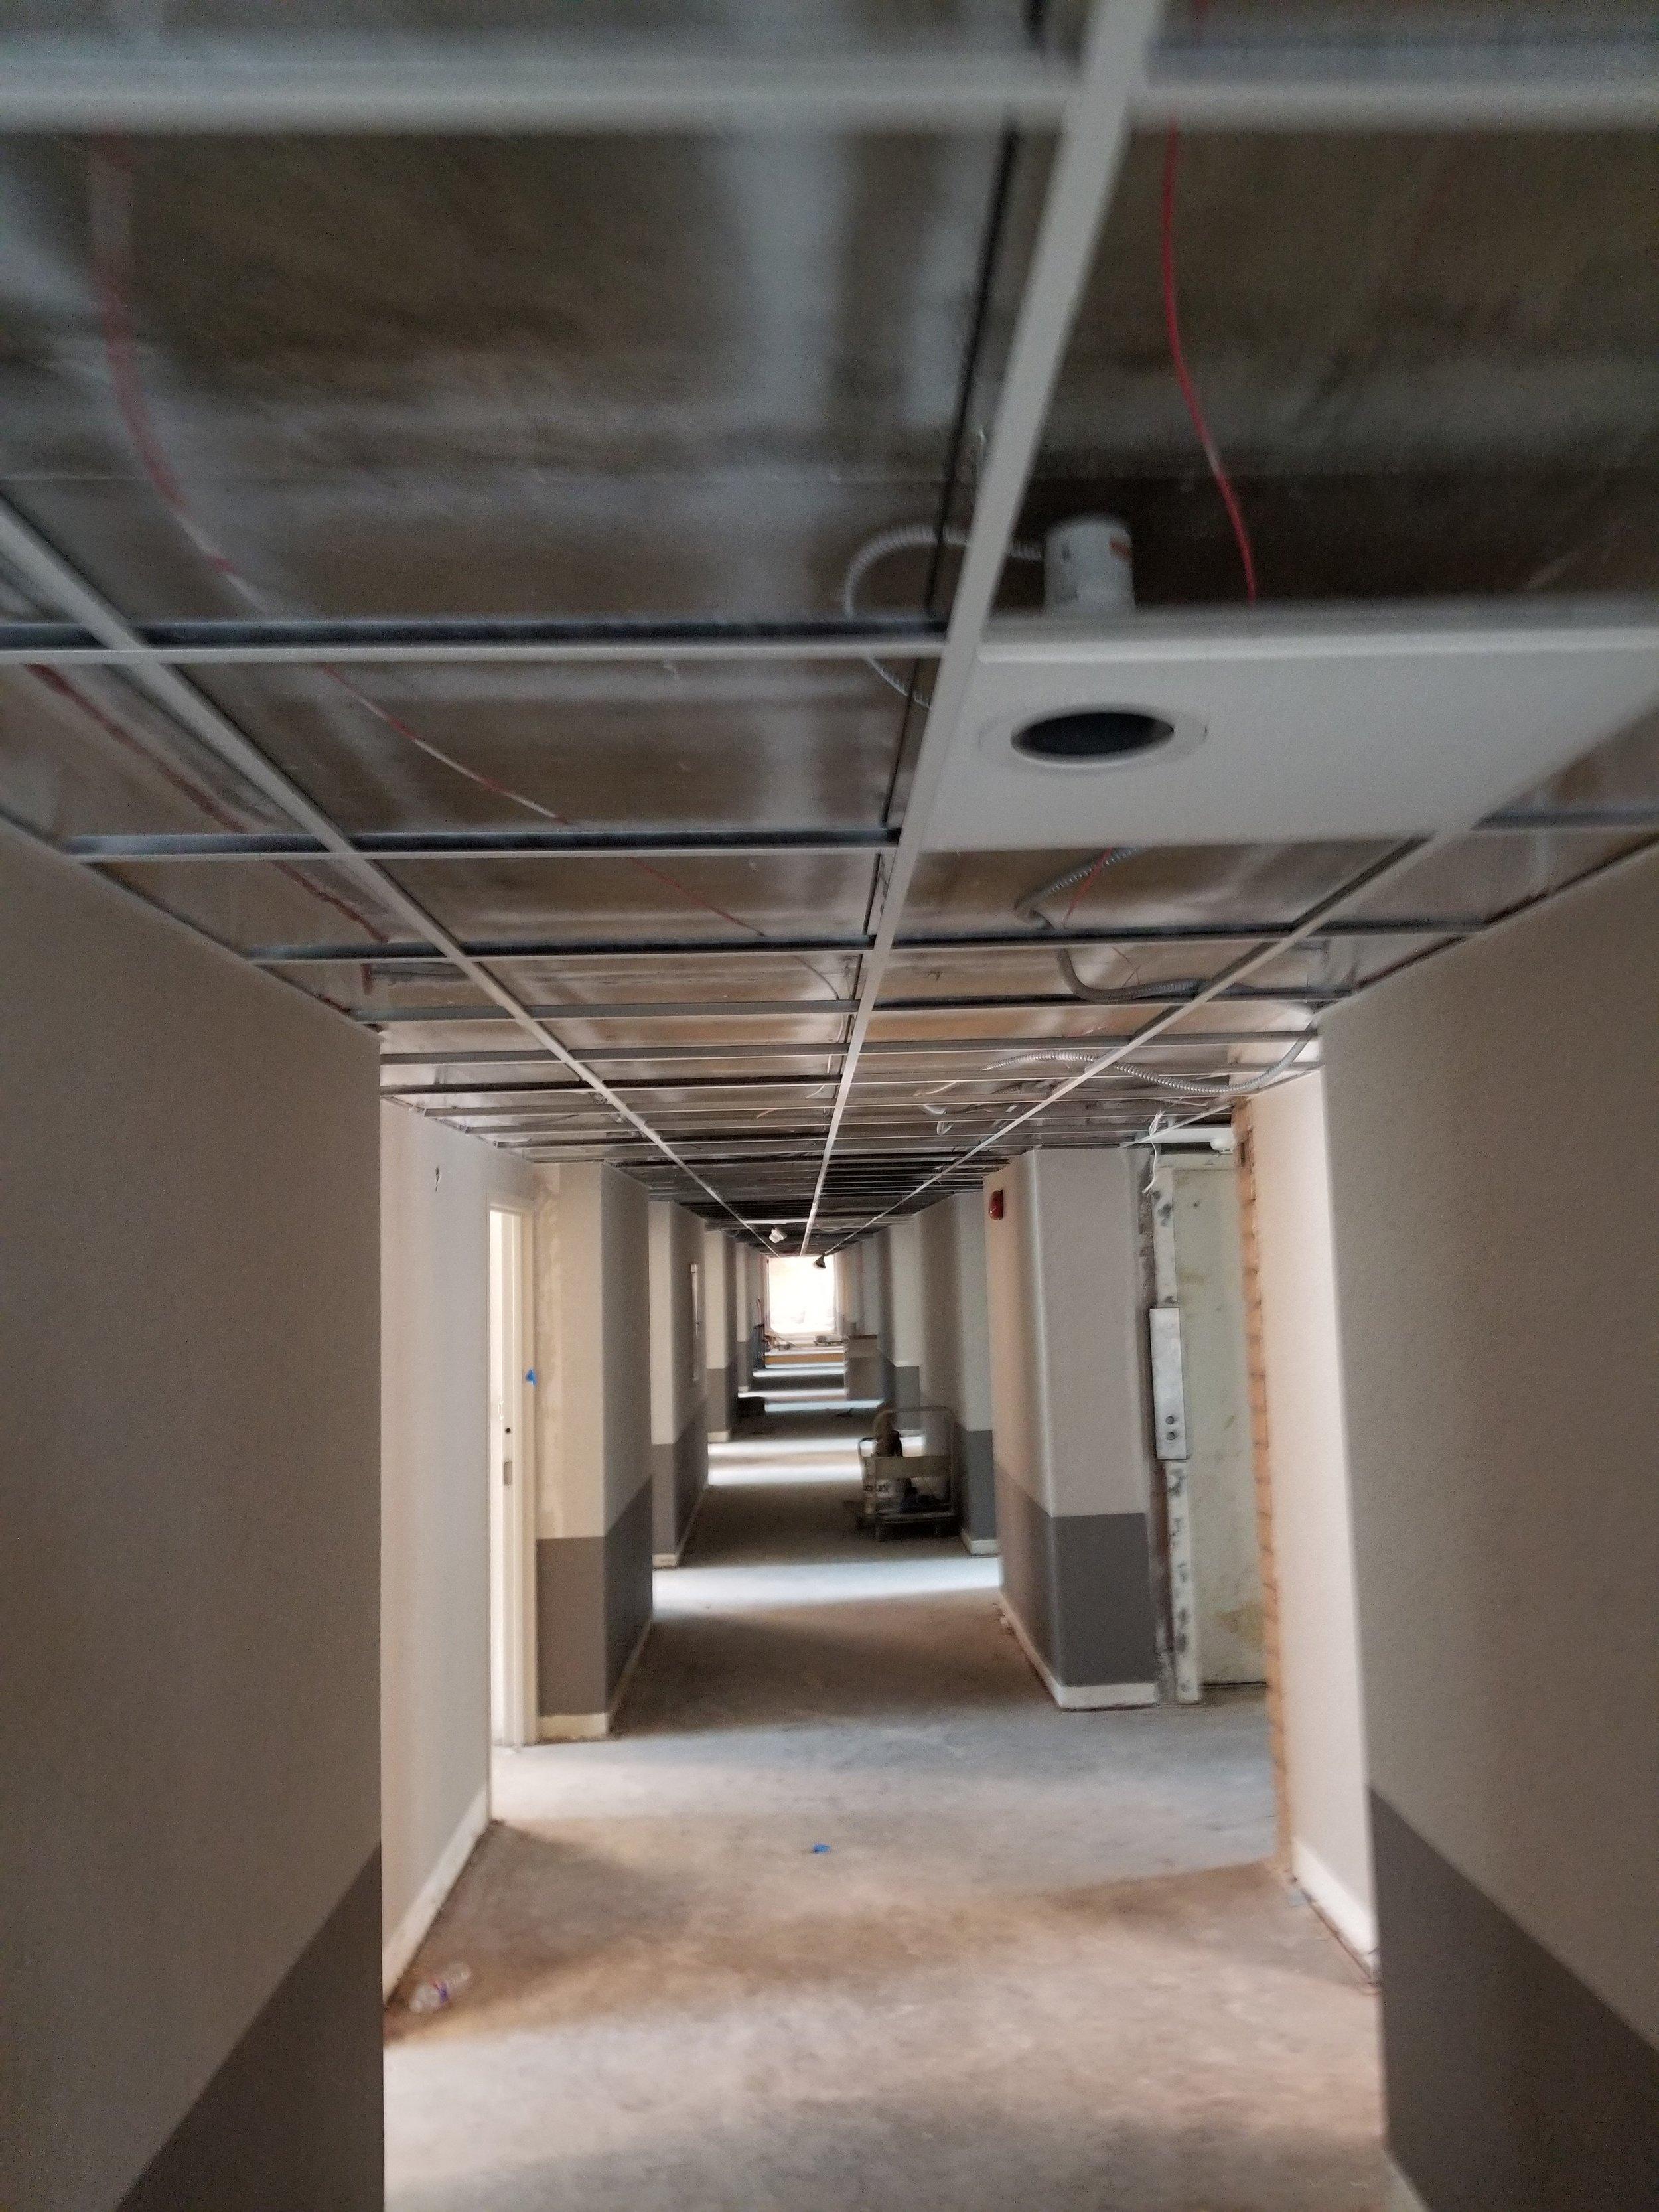 drop down ceiling grid 001.jpg